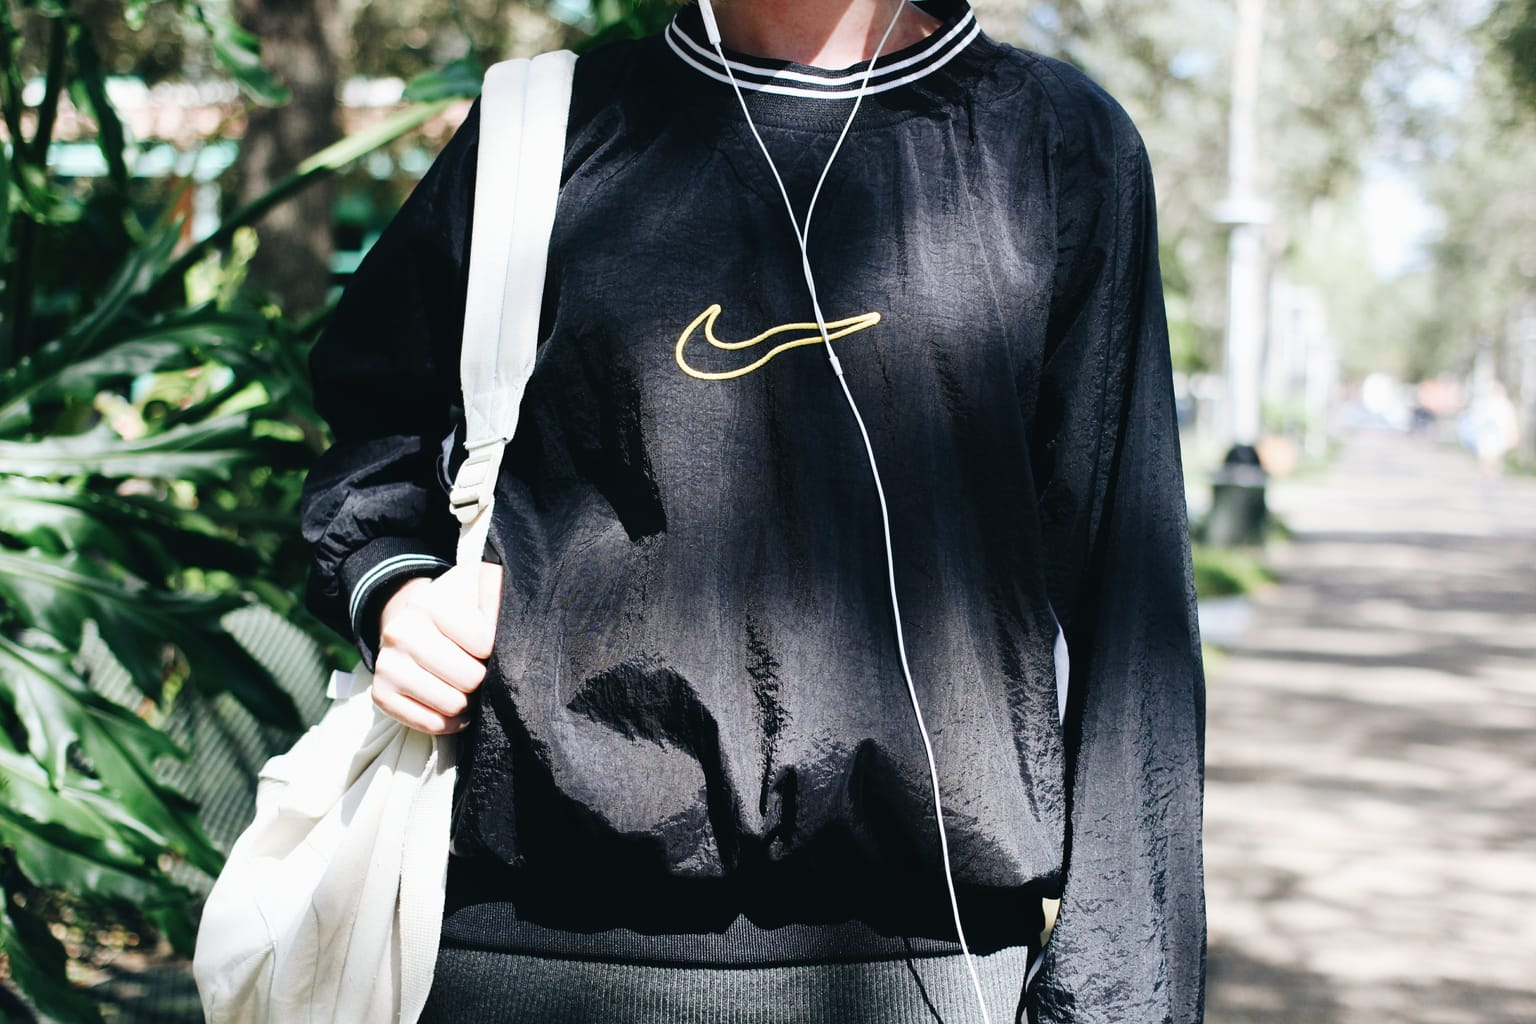 Taylor wears a vintage Nike oversized windbreaker pullover top.